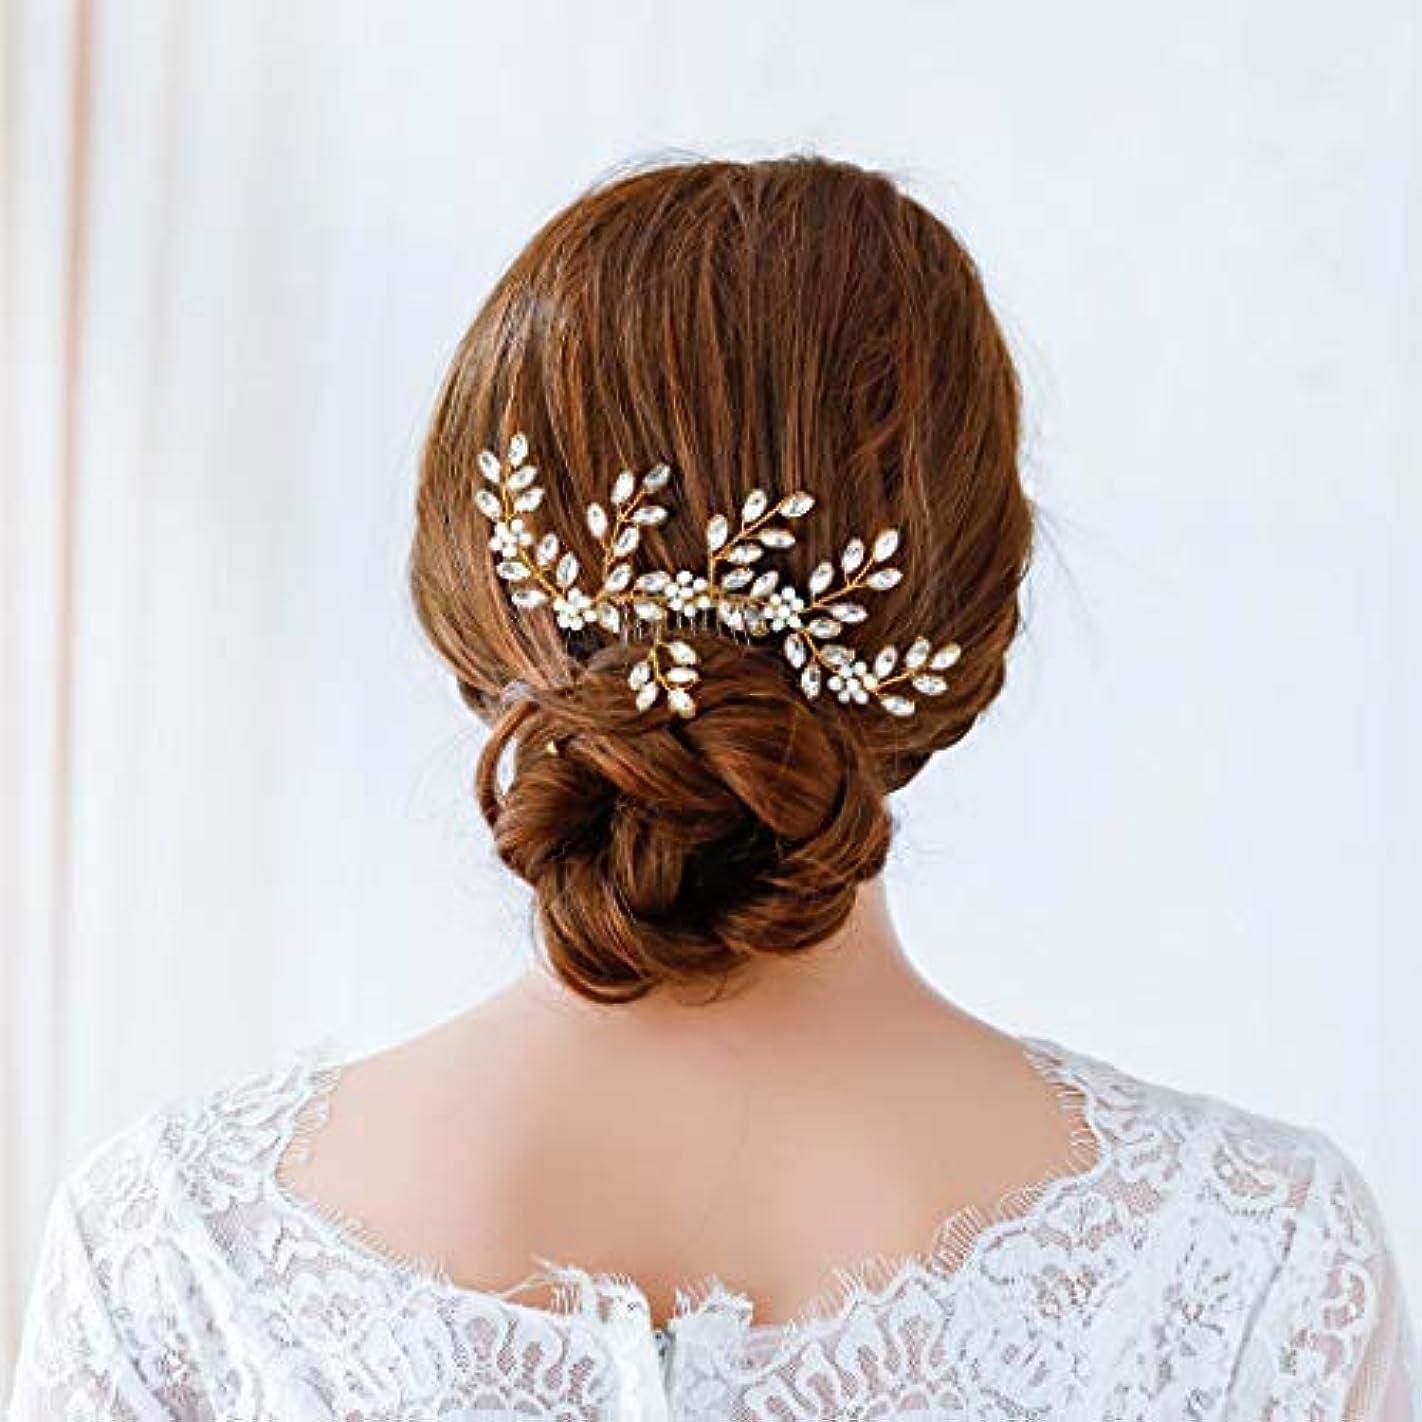 有益先祖レーニン主義Jovono Bride Wedding Hair Comb Bridal Crystal Hair Accessories Beaded Headpieces for Women and Girls (Gold) [並行輸入品]